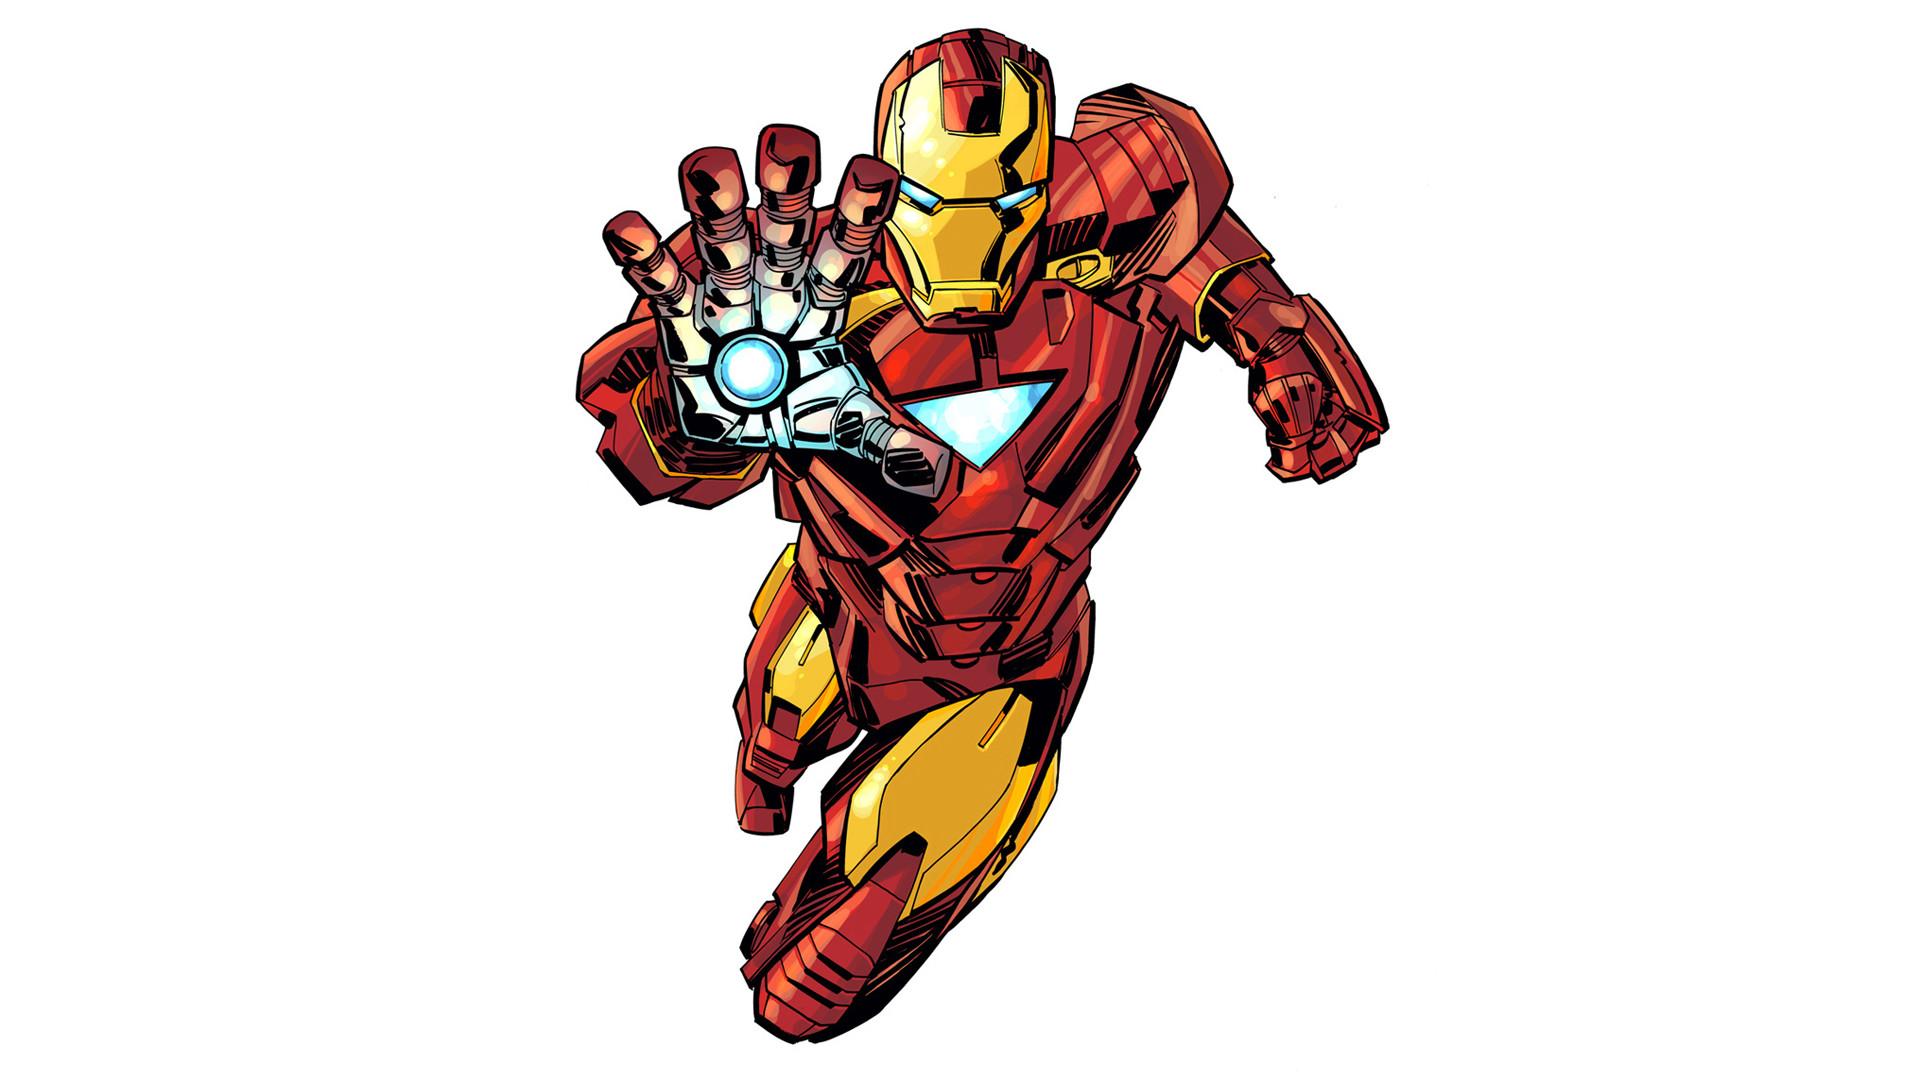 Res: 1920x1080, Iron Man Cartoon.